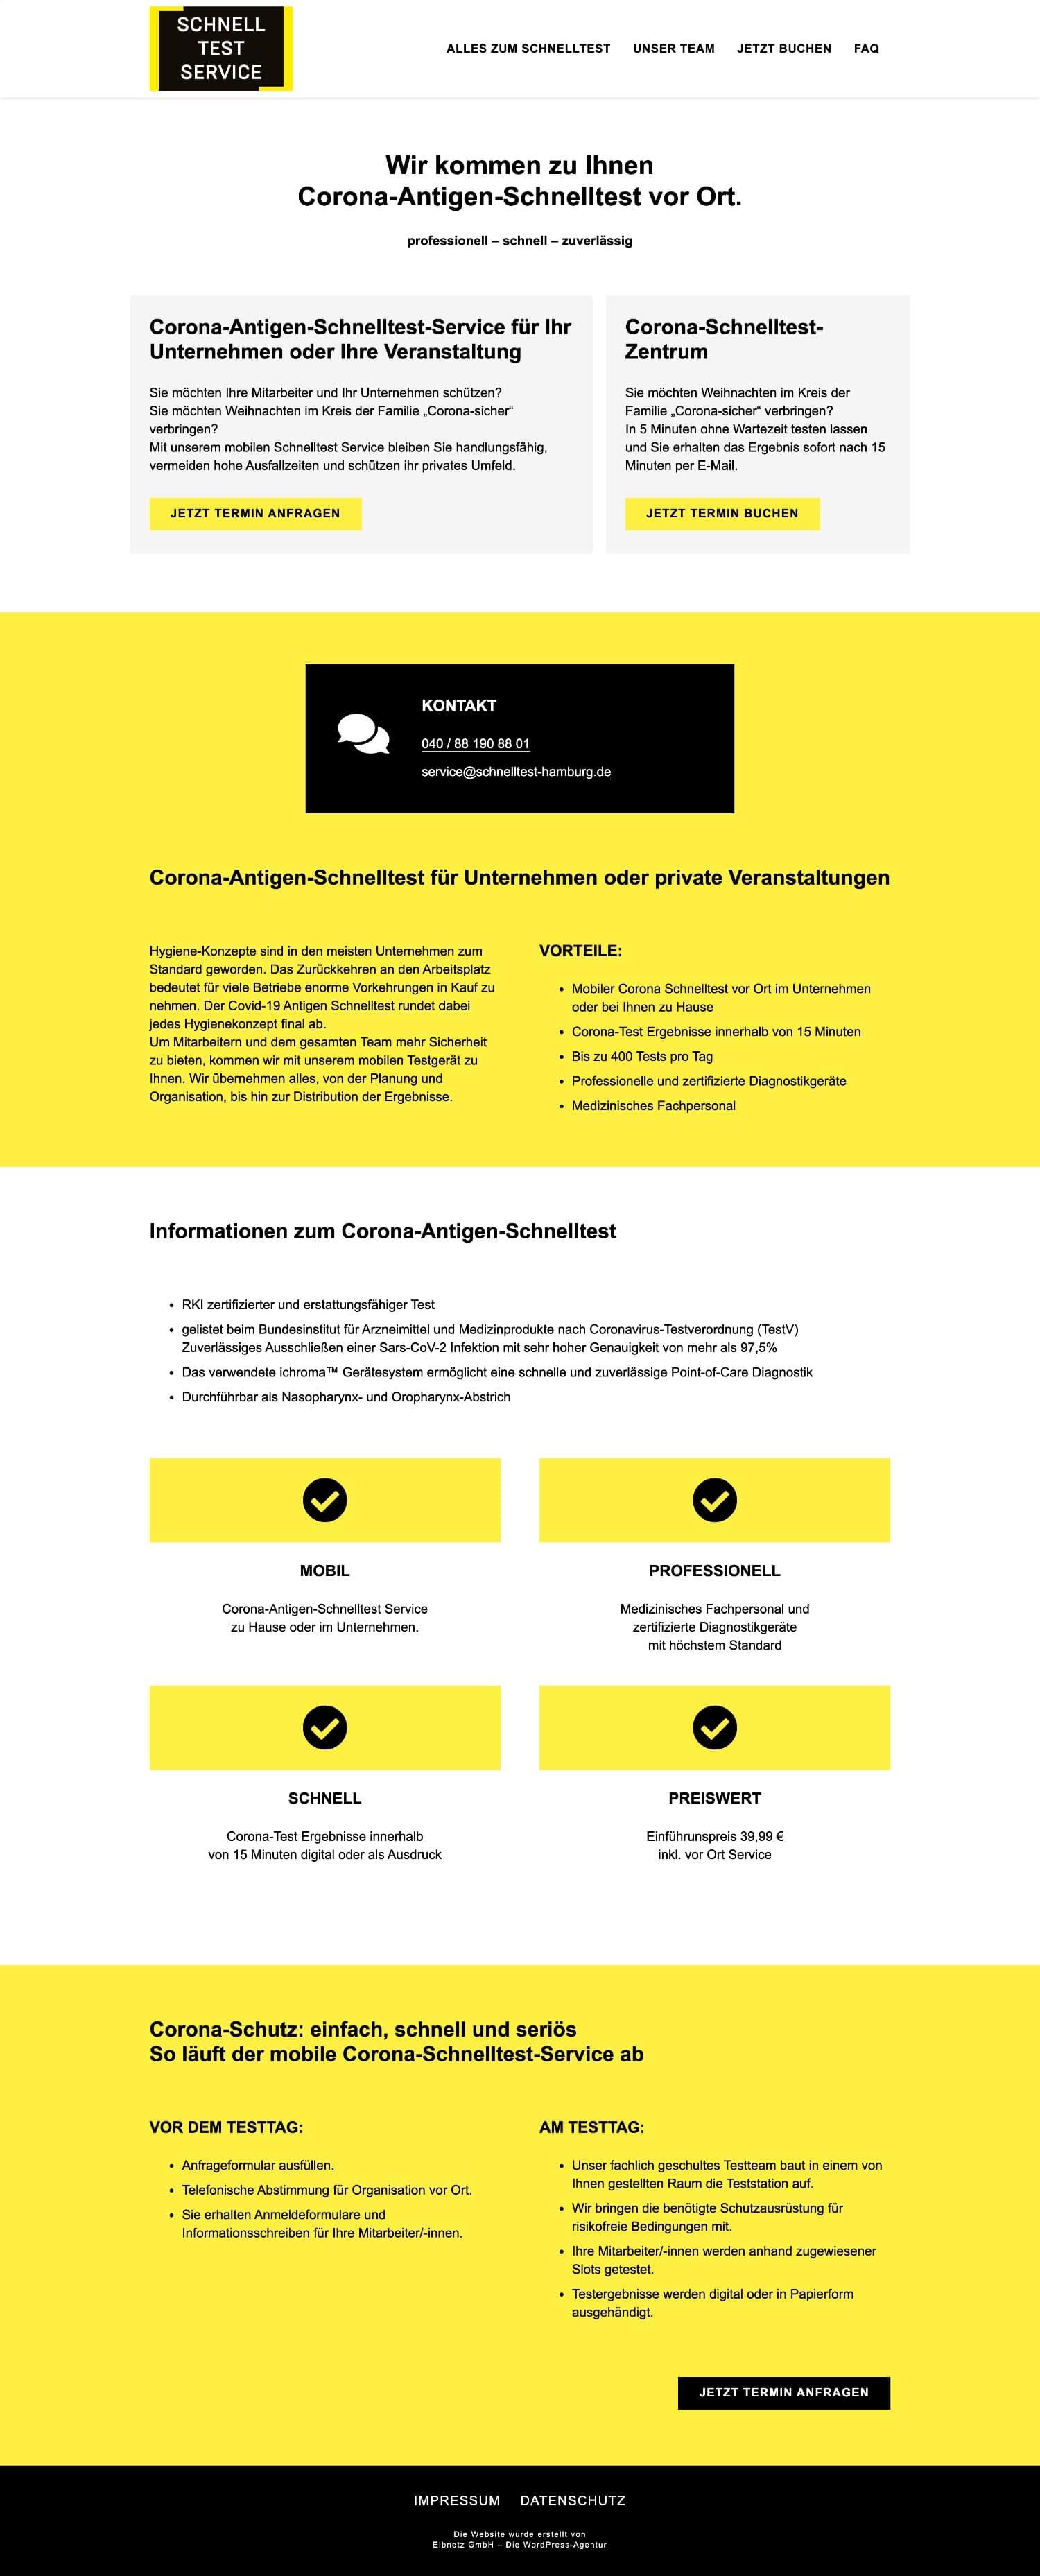 Corona-Antigen-Schnelltest - Webdesign